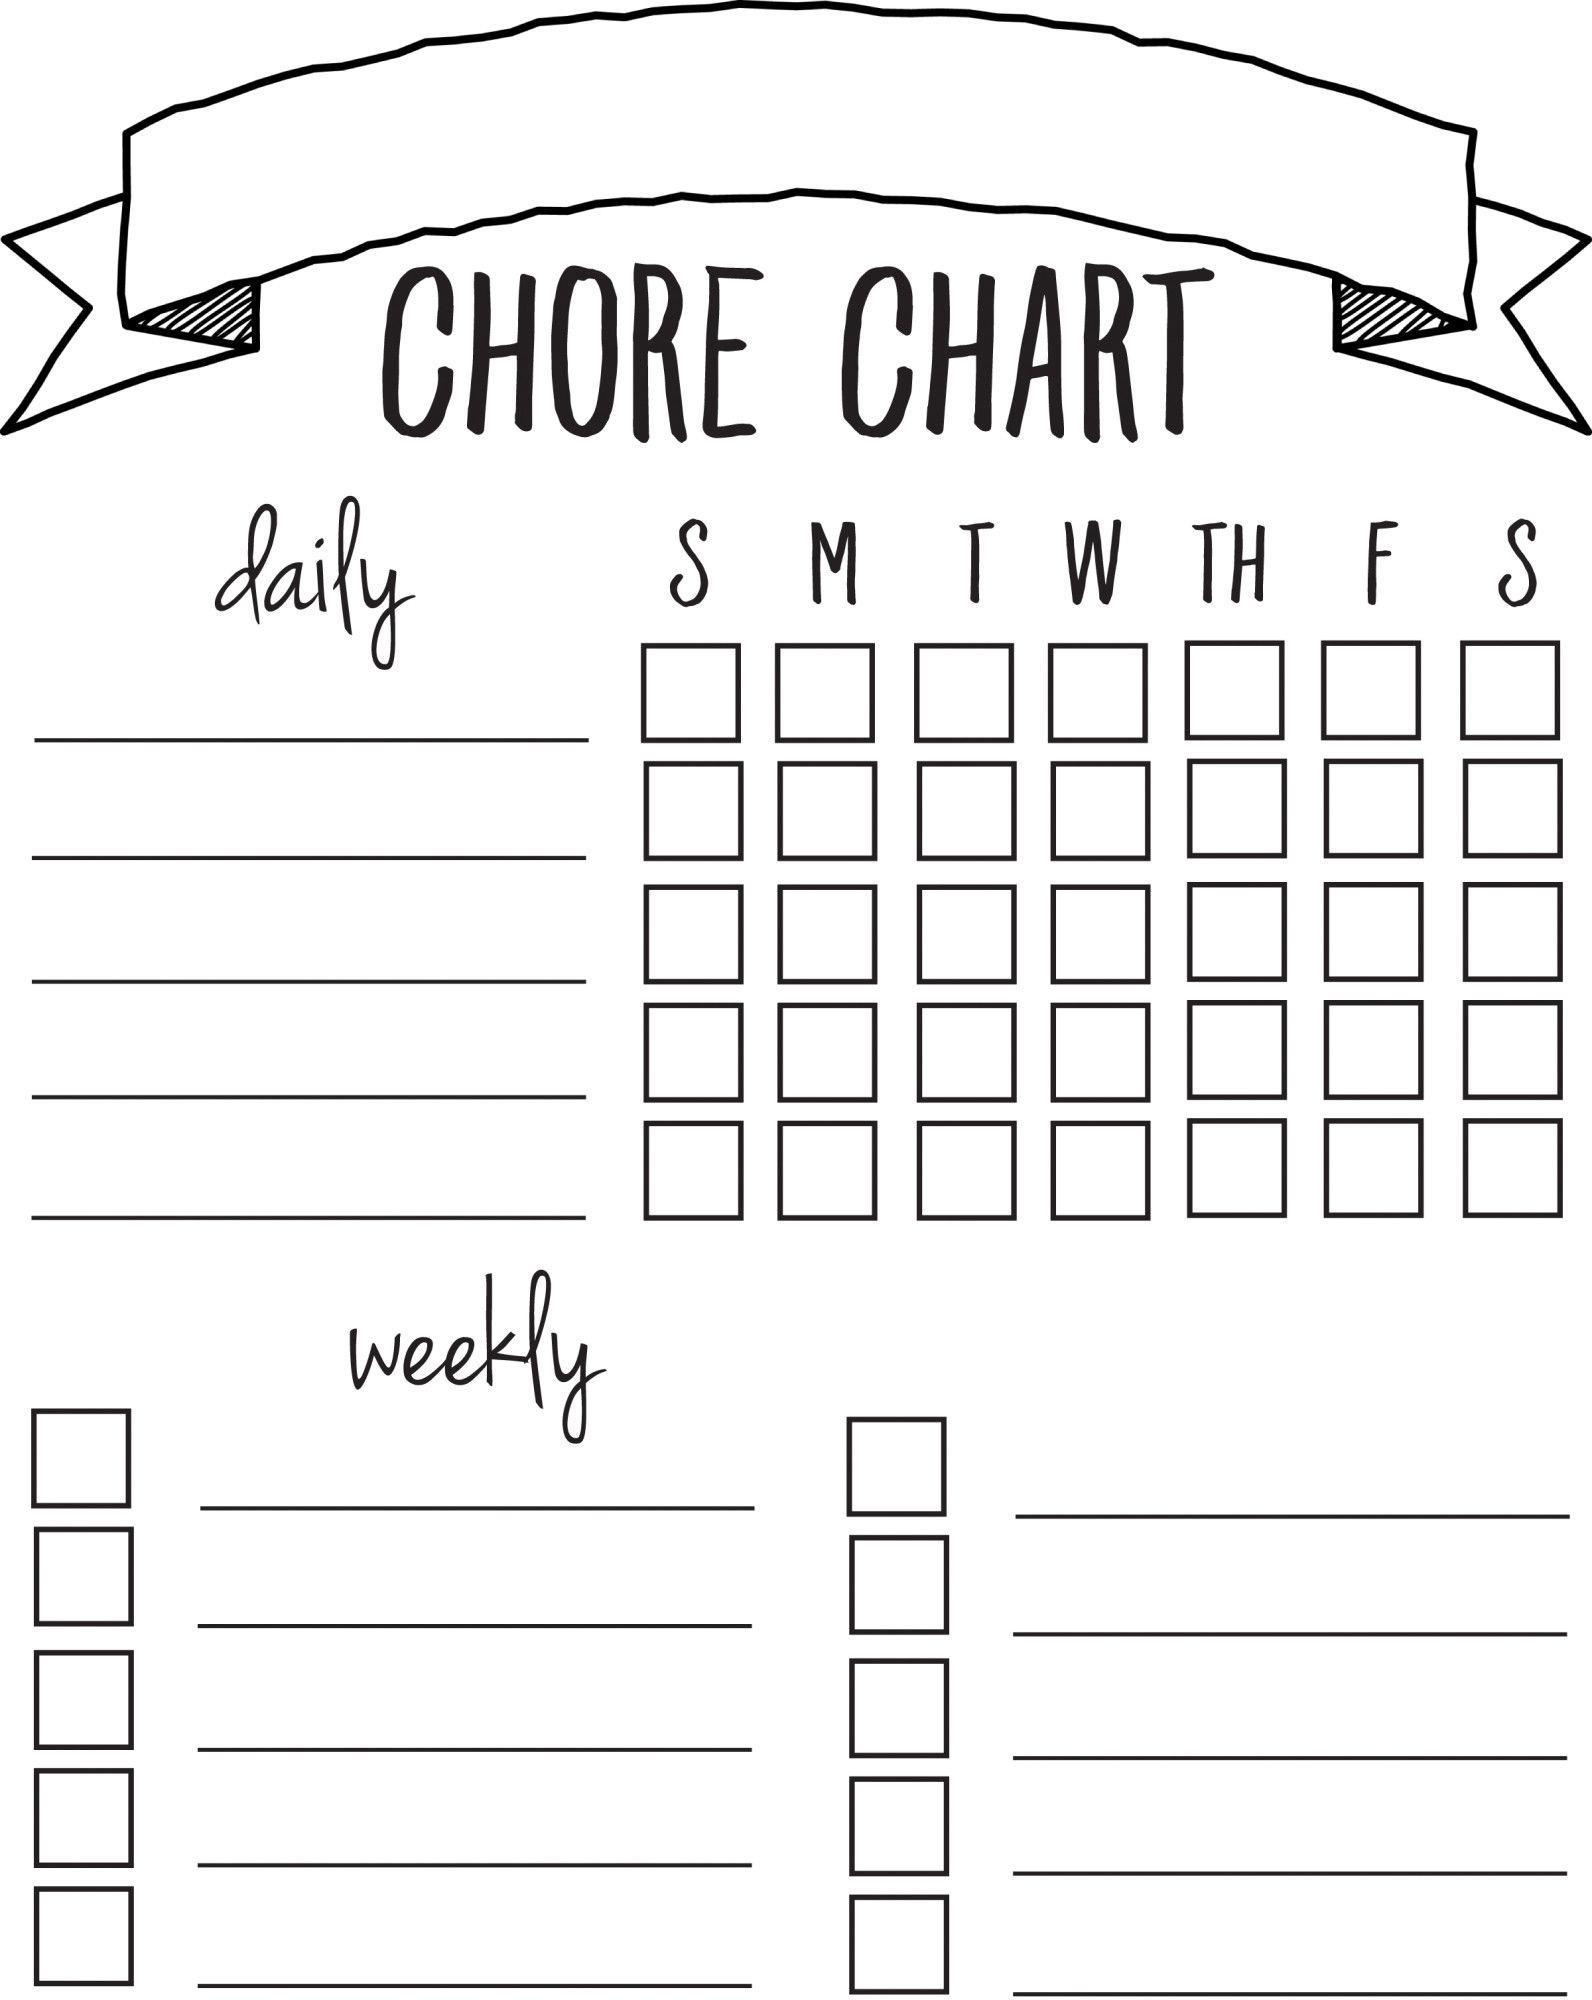 Diy Printable Chore Chart   Free Printables Nov/feb   Chore Chart - Free Printable Chore Chart Templates